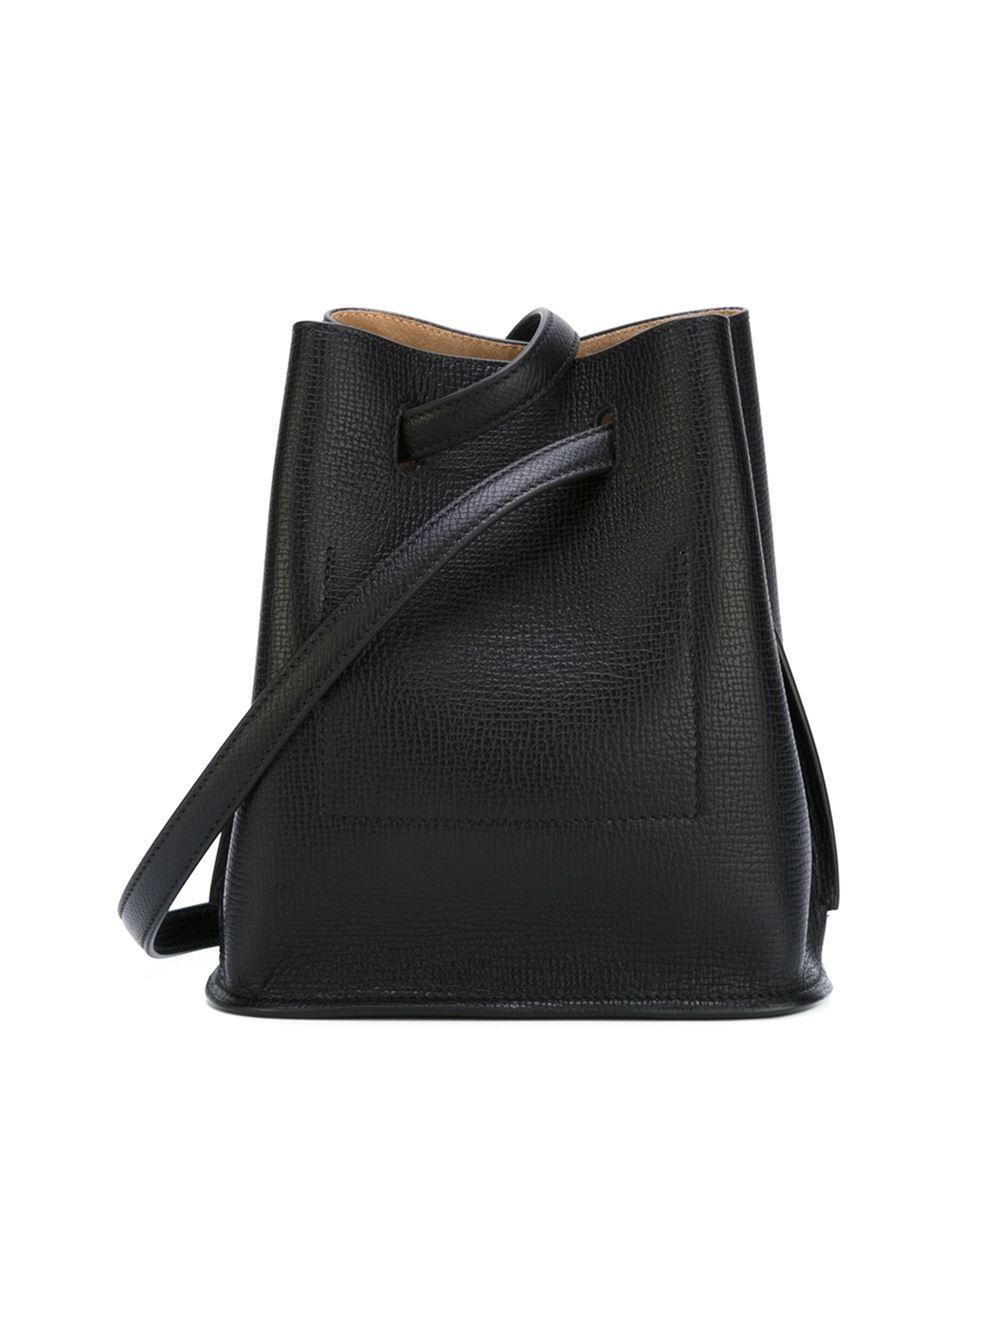 Jil Sander Bucket Shoulder Bag in Black